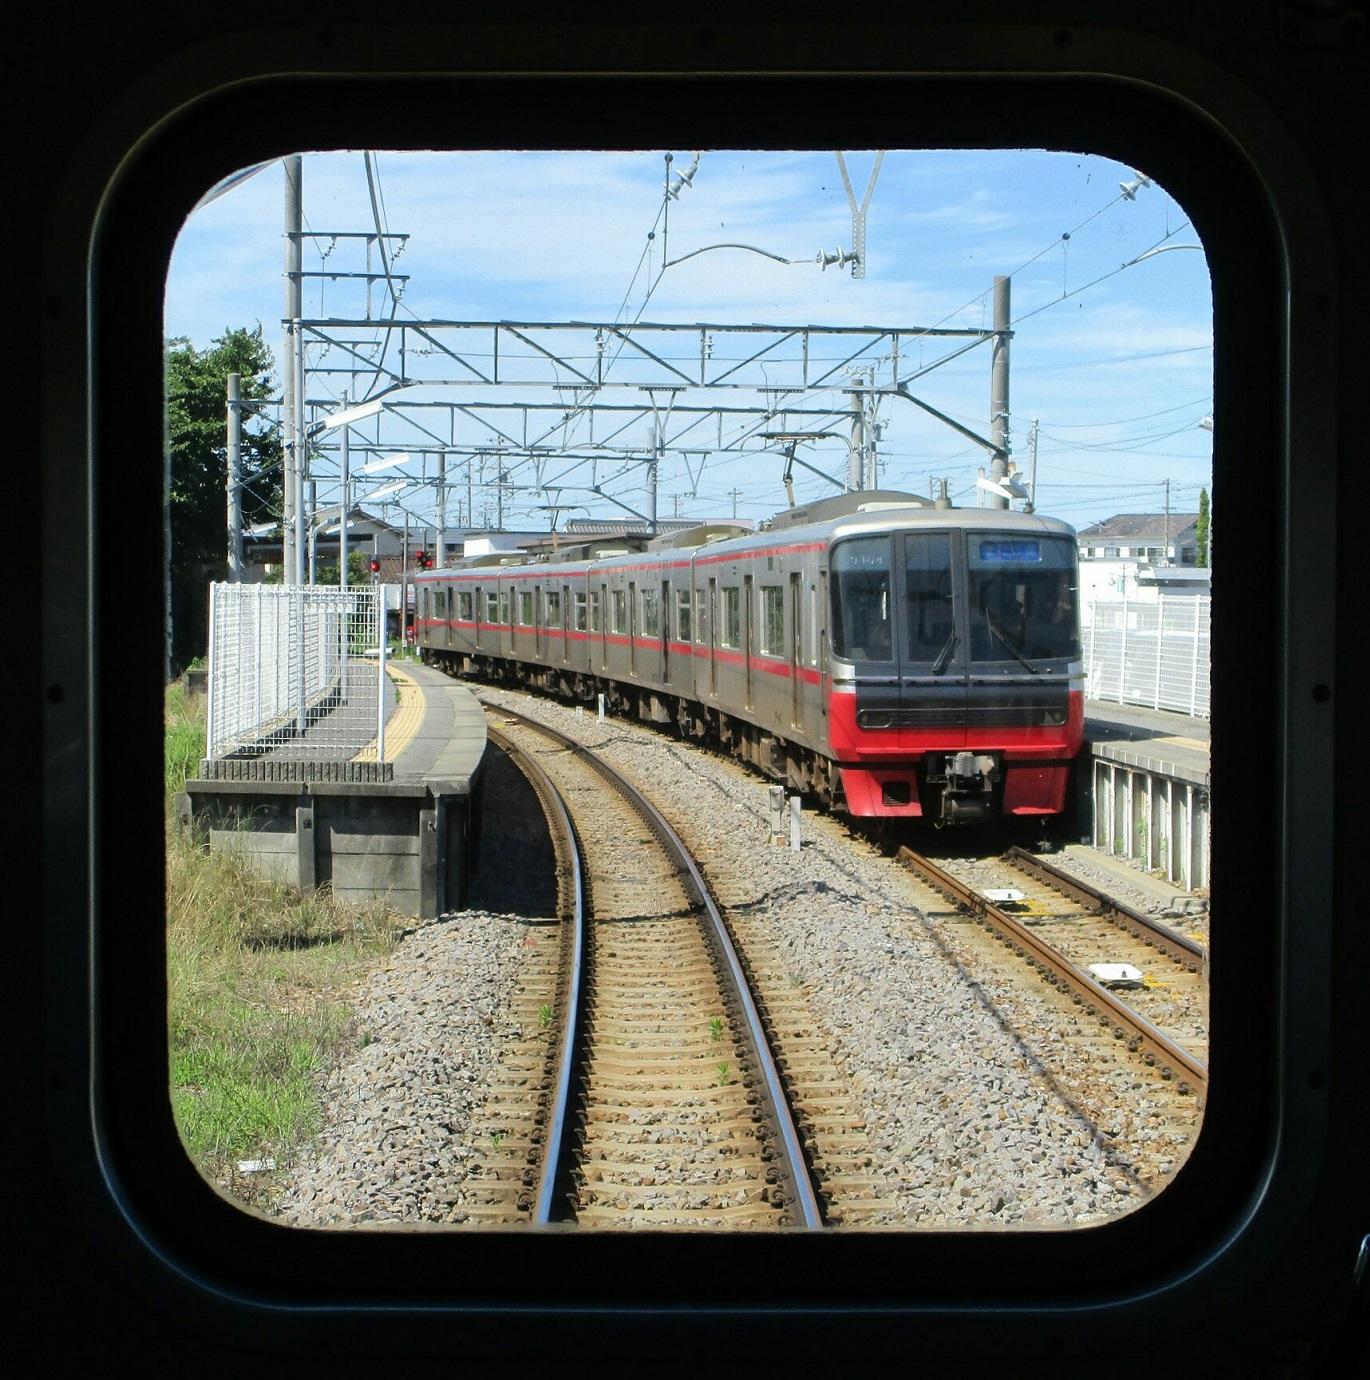 2018.6.13 西尾 (7) 吉良吉田いきふつう - 米津(弥富いき急行) 1370-1380